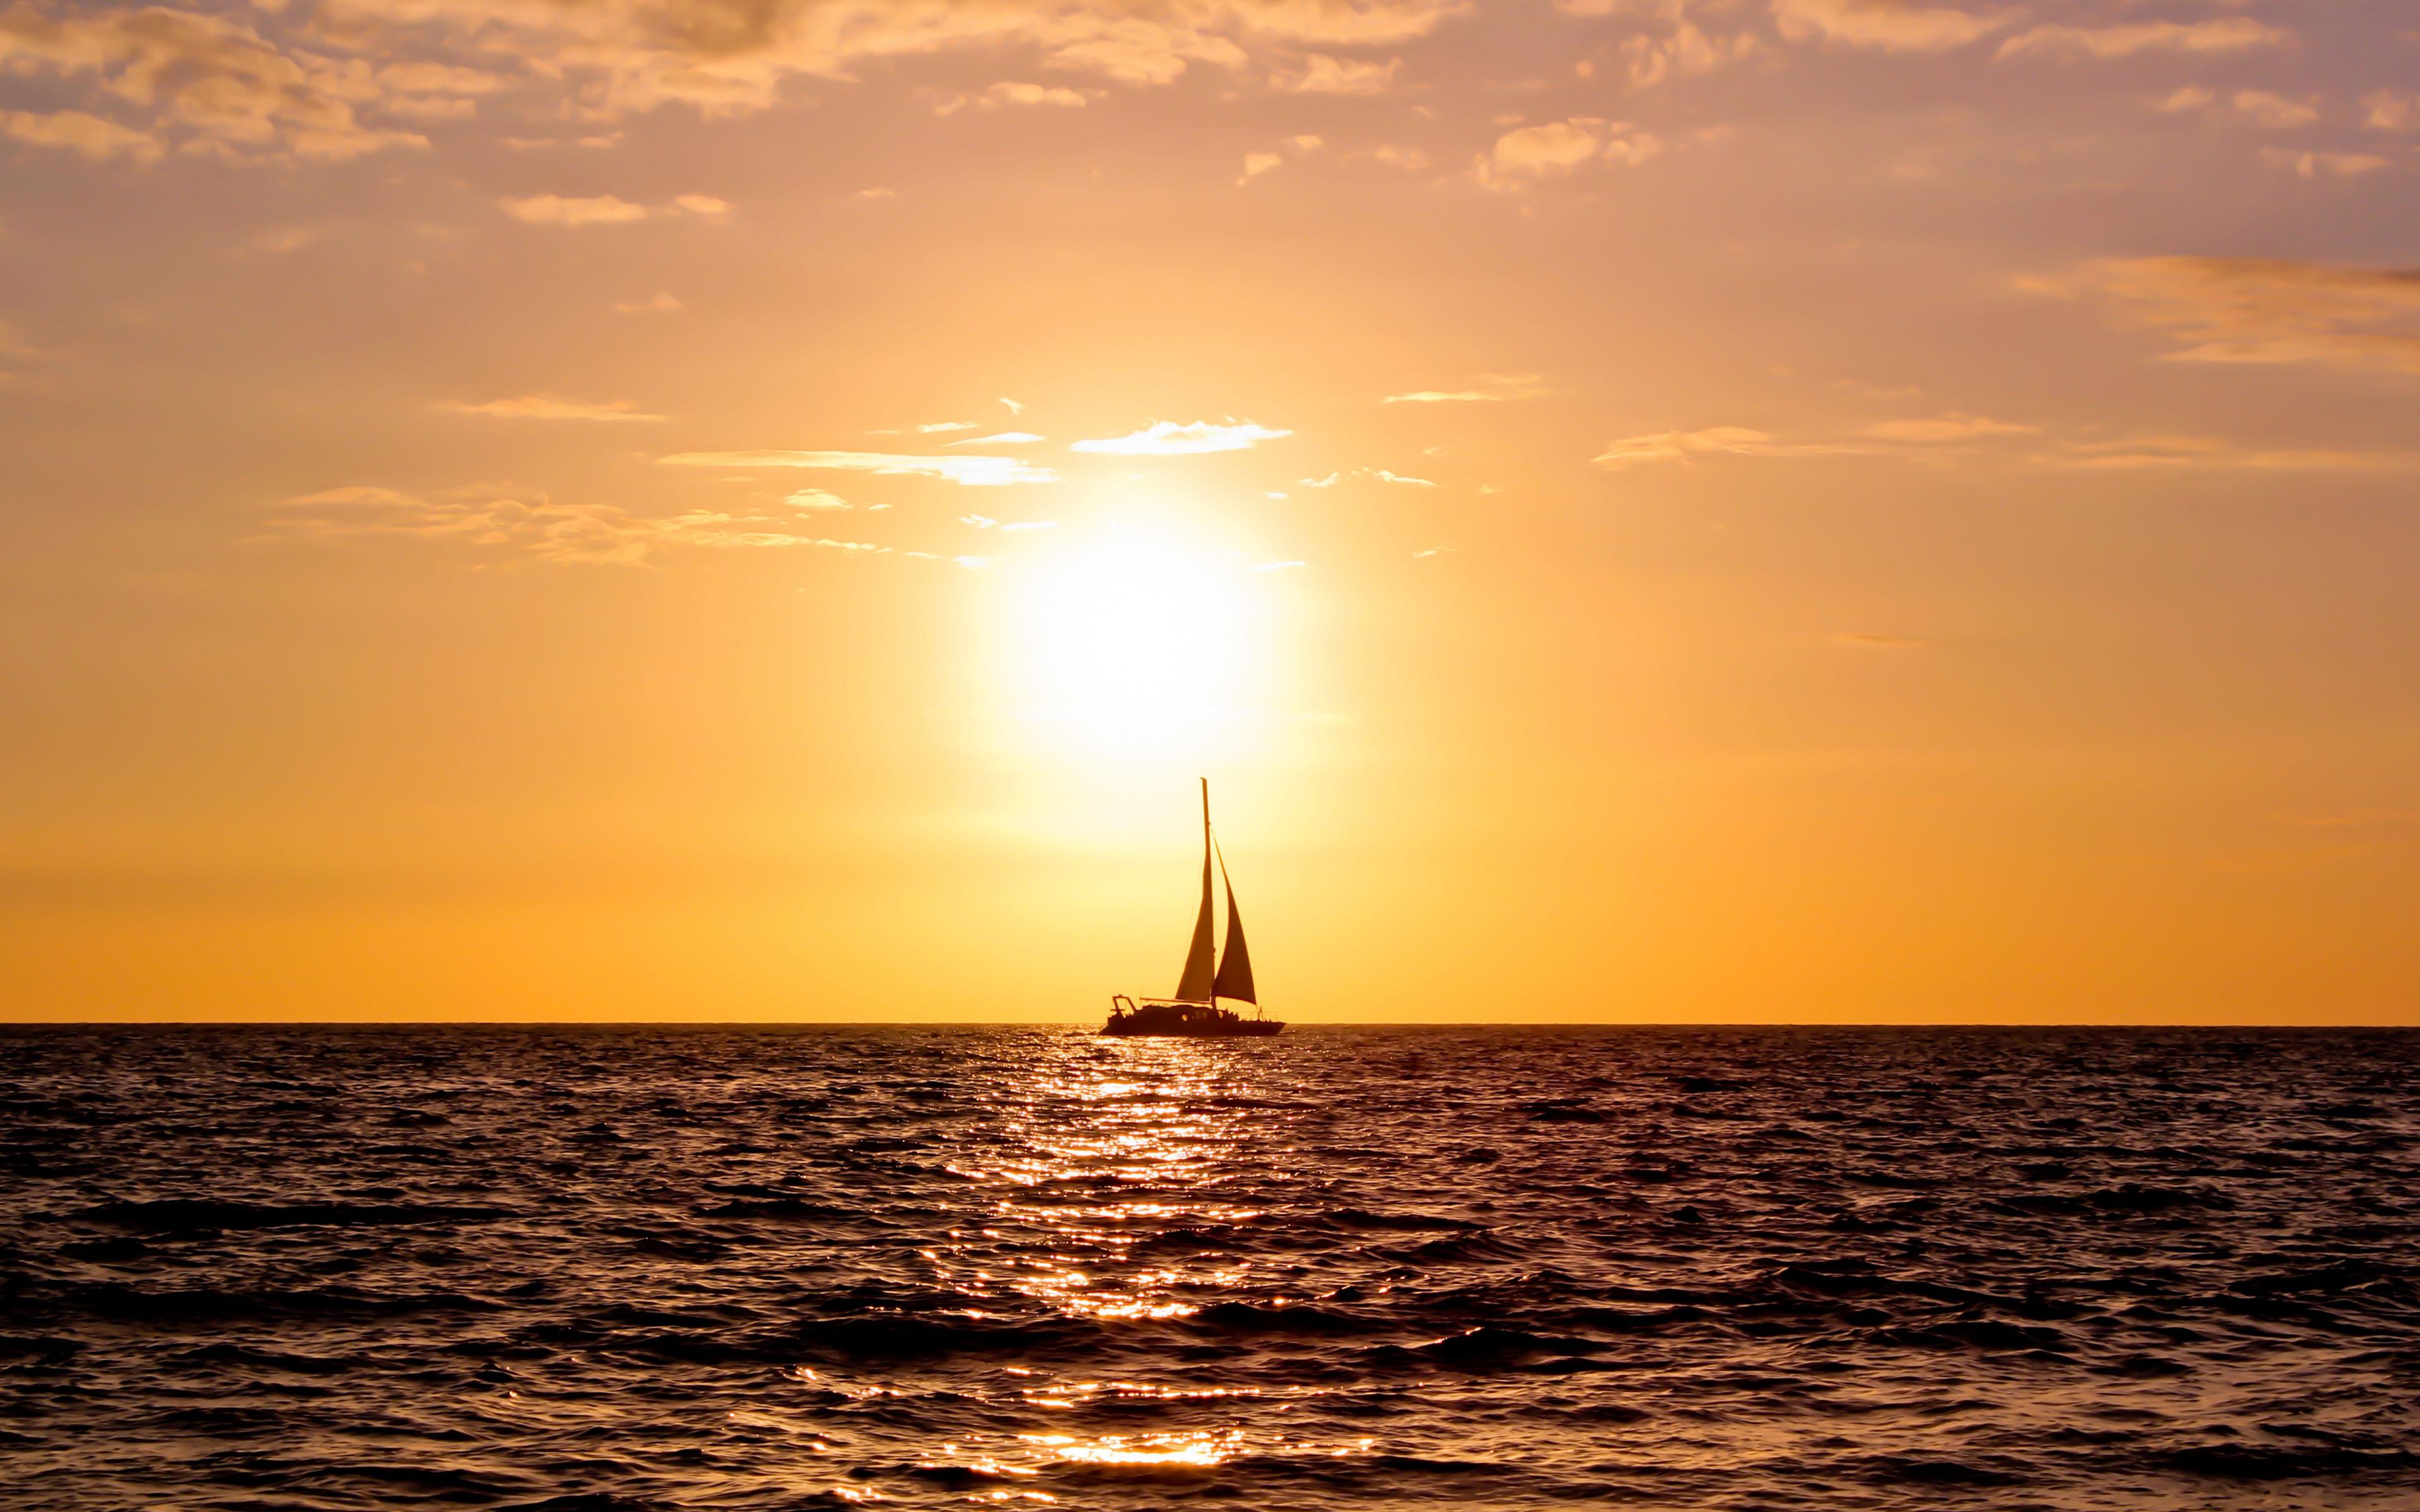 恋爱方式,完美的女人,美洲杯,观后感,满足感 帆船路上的《风》第二季 Sailboat